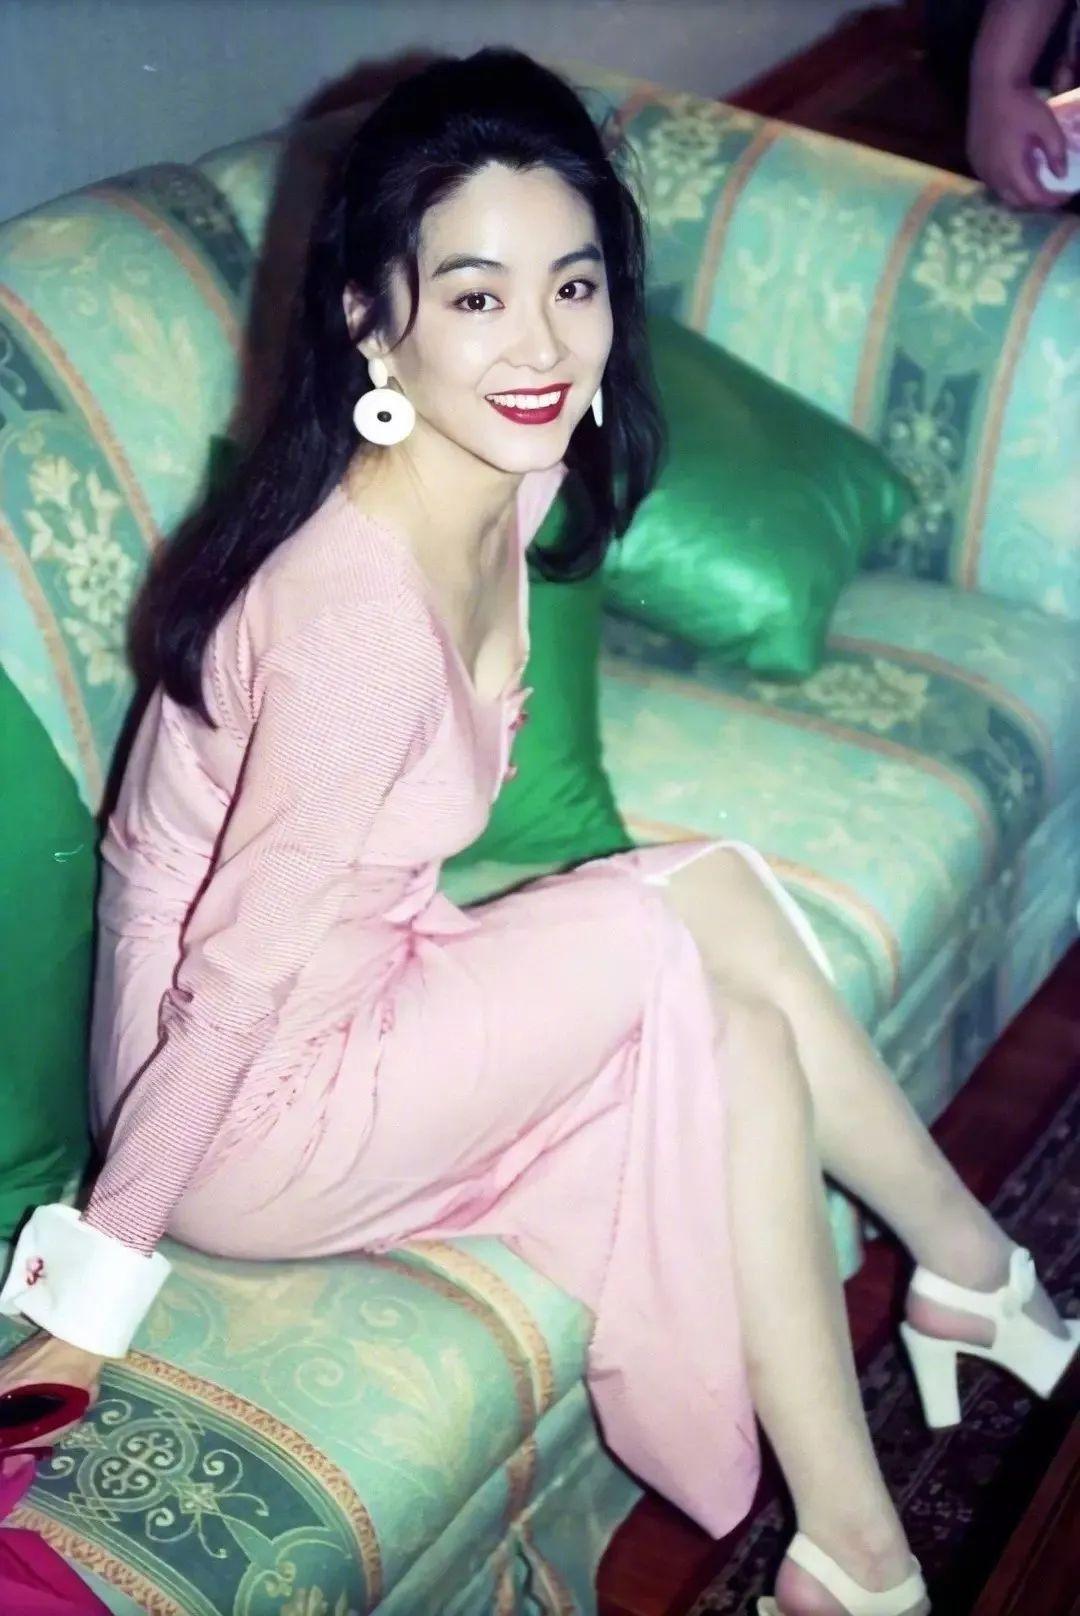 妹子写真 -年轻版林青霞和韩国美女金智秀,你更喜欢哪位呢?_图片 No.7